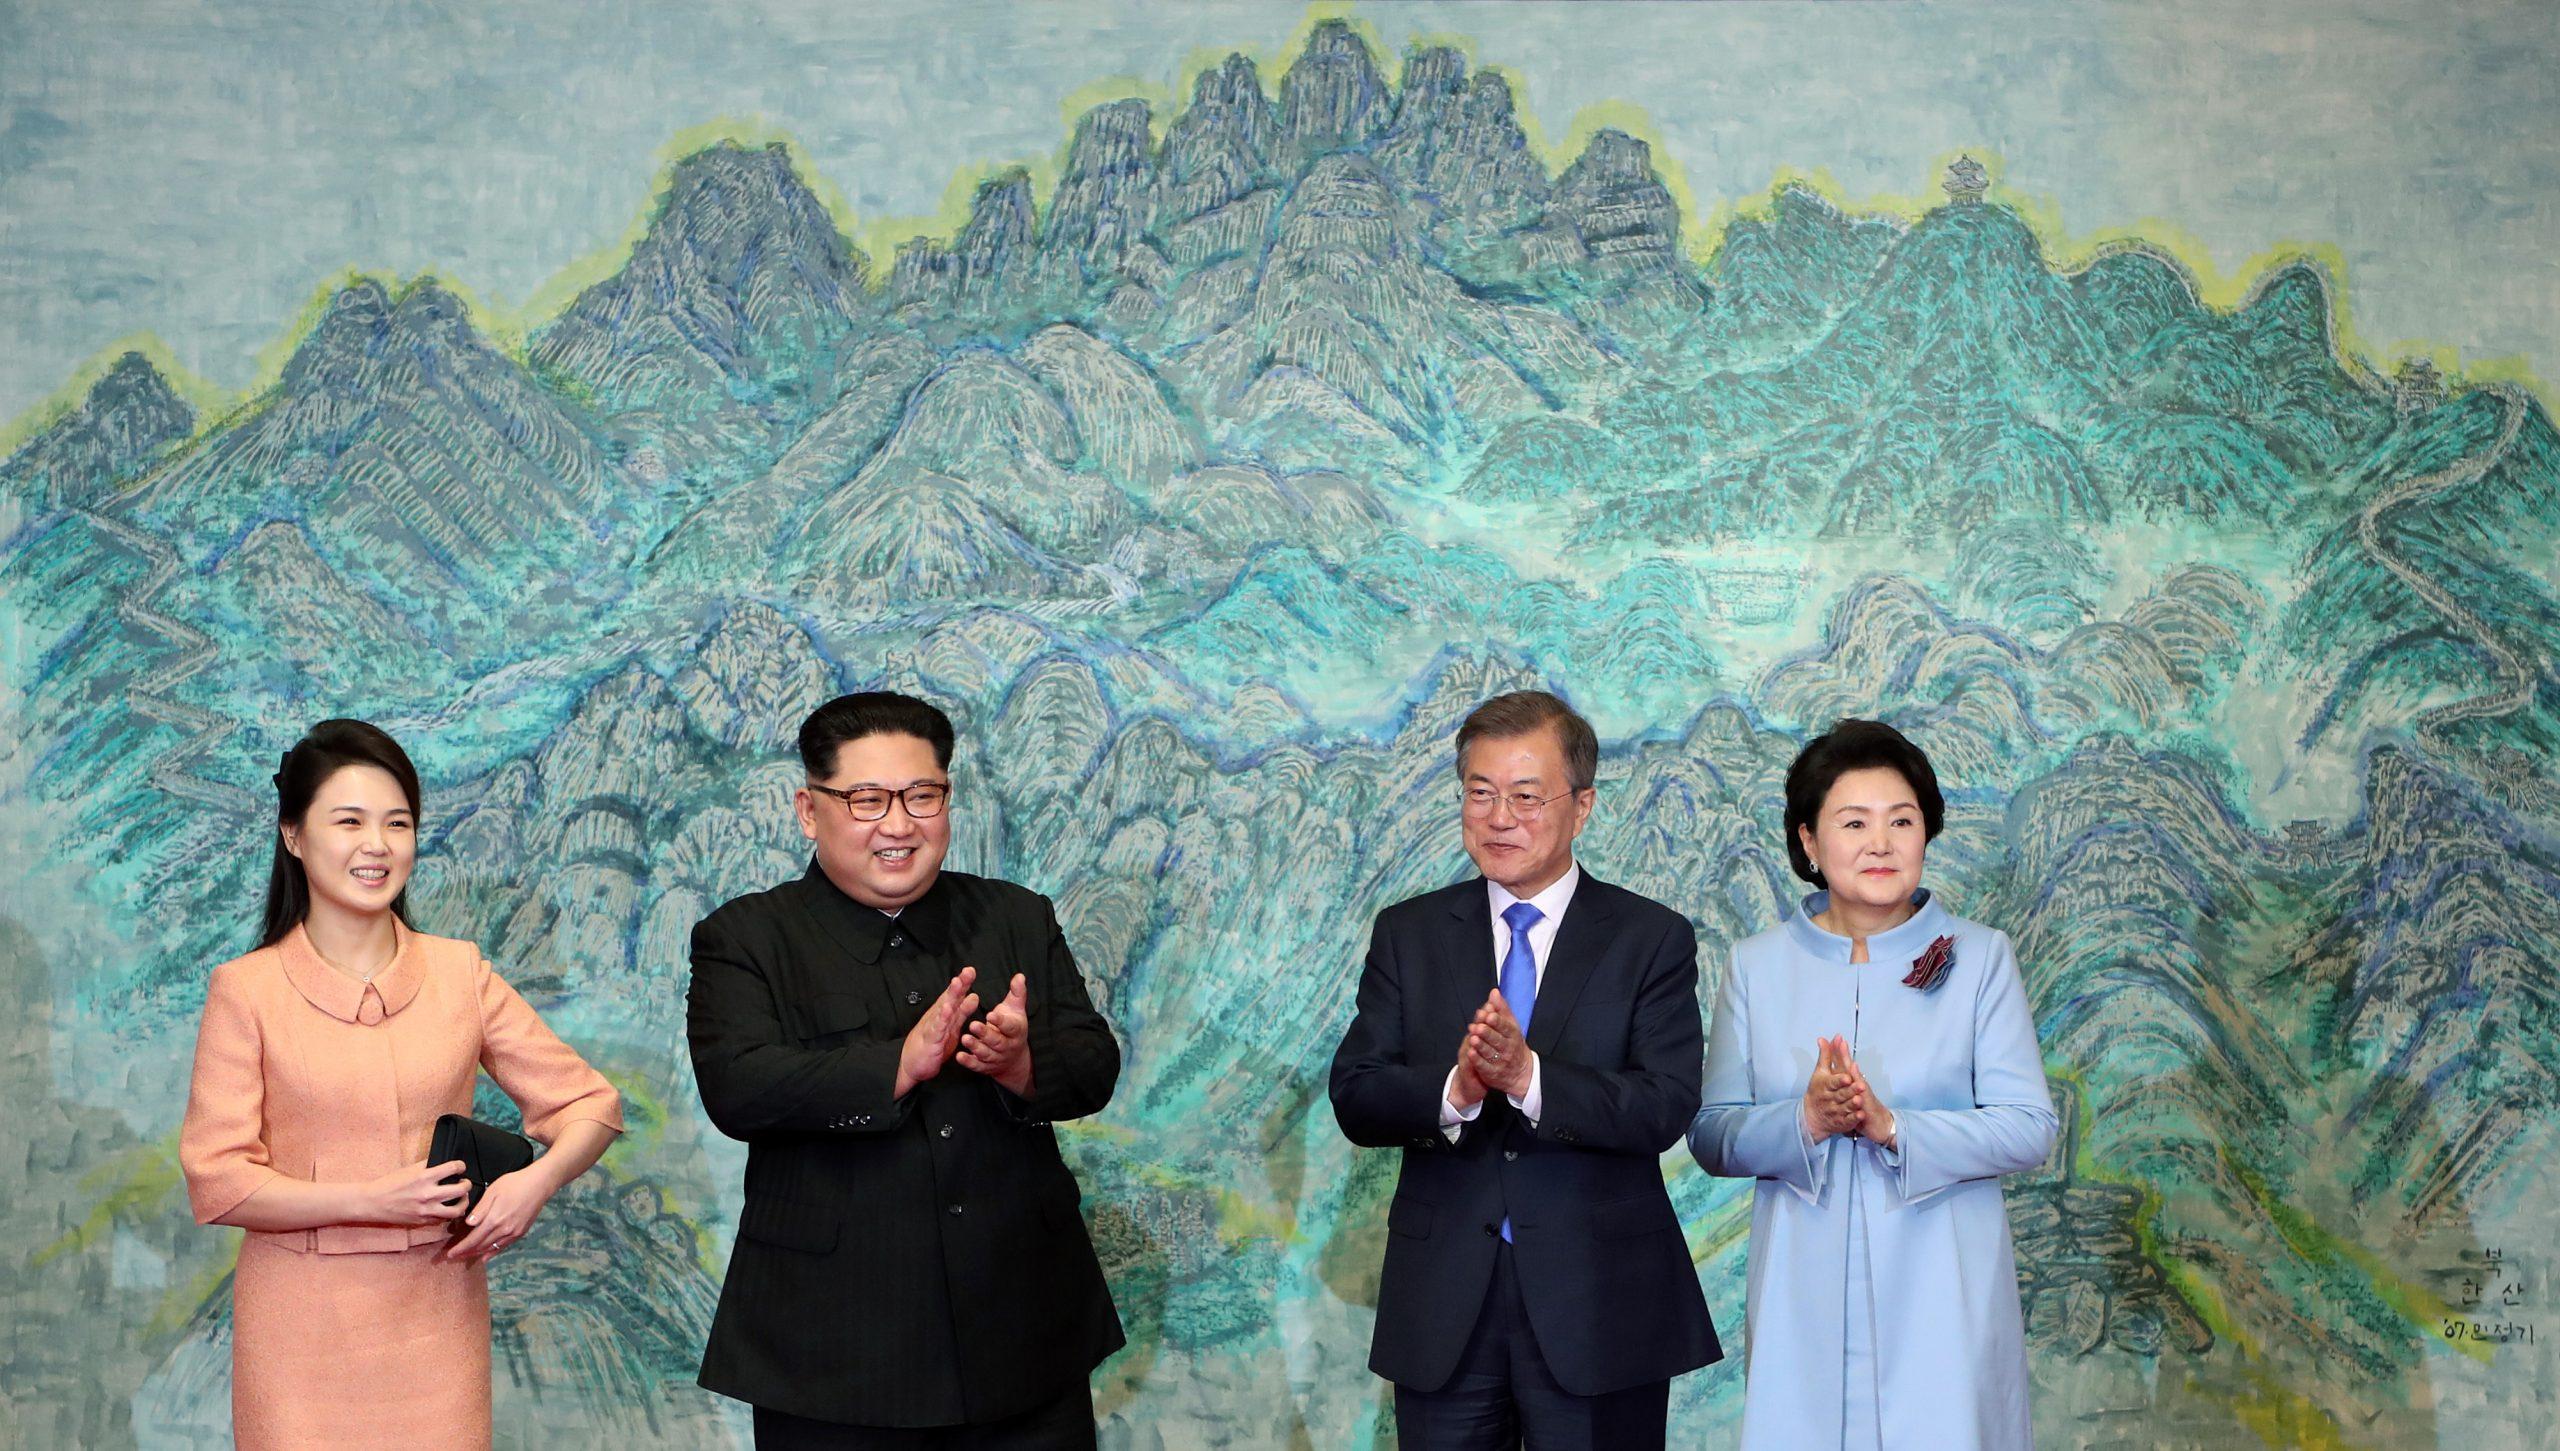 Sommet des deux Corées à Panmunjeom : entre doutes et espoirs